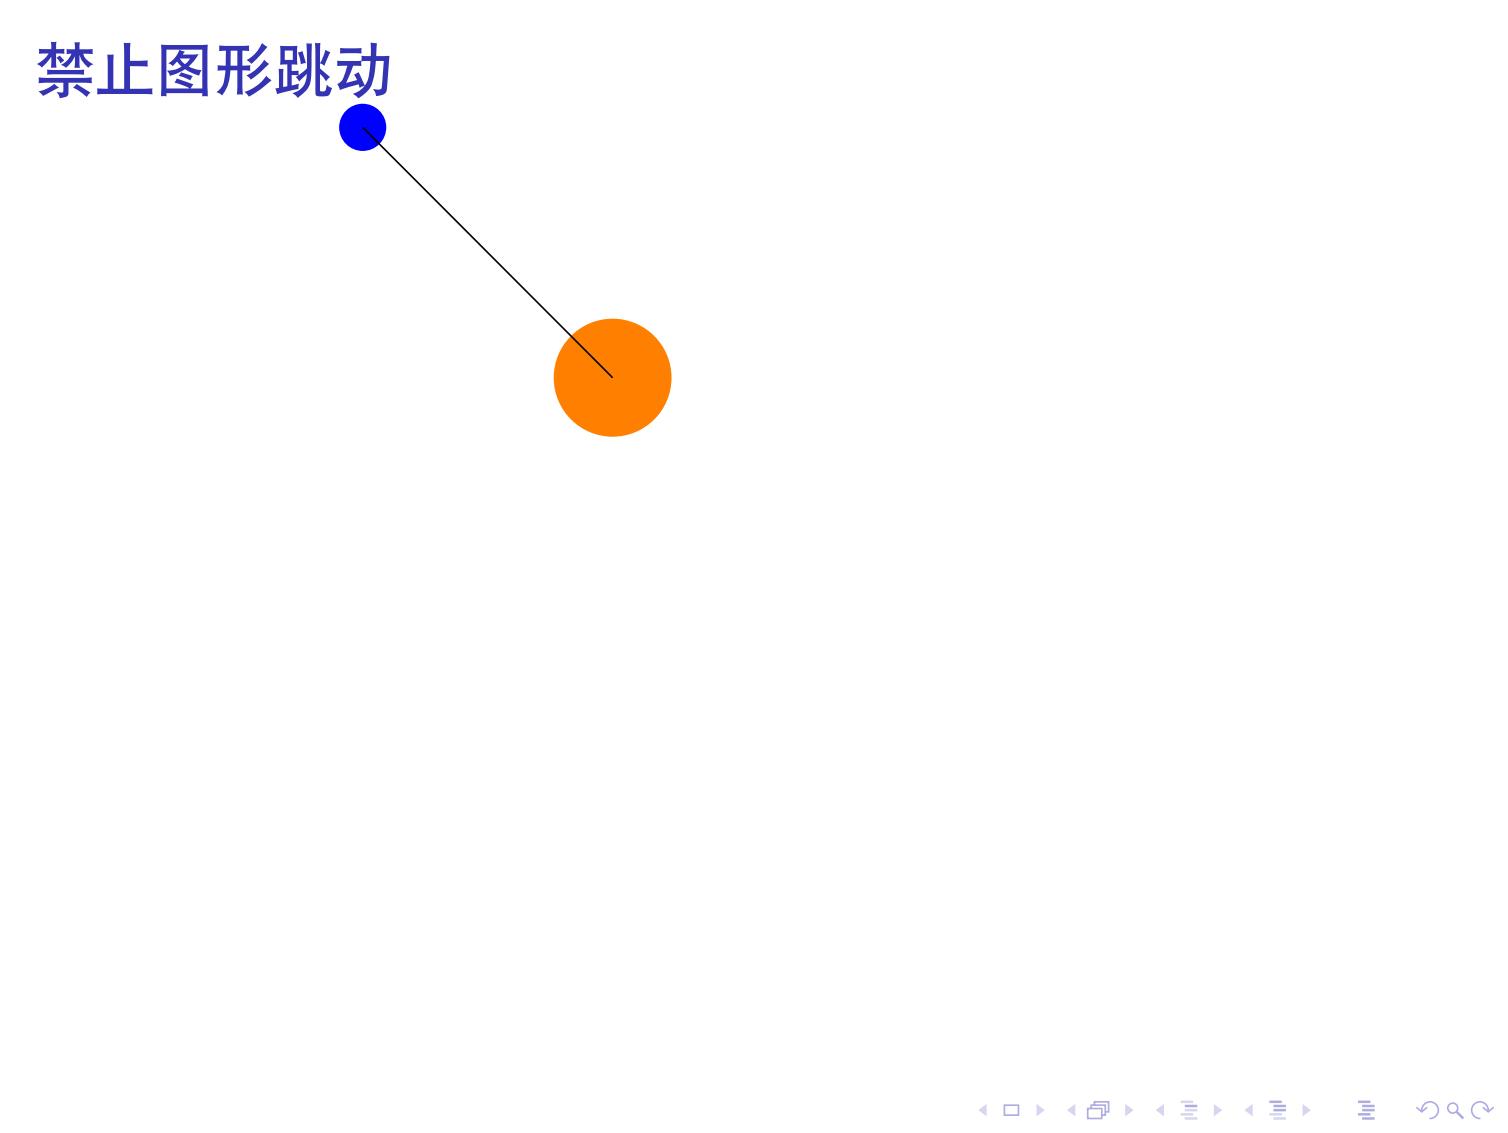 在Beamer中使用TikZ样式实现覆盖动画